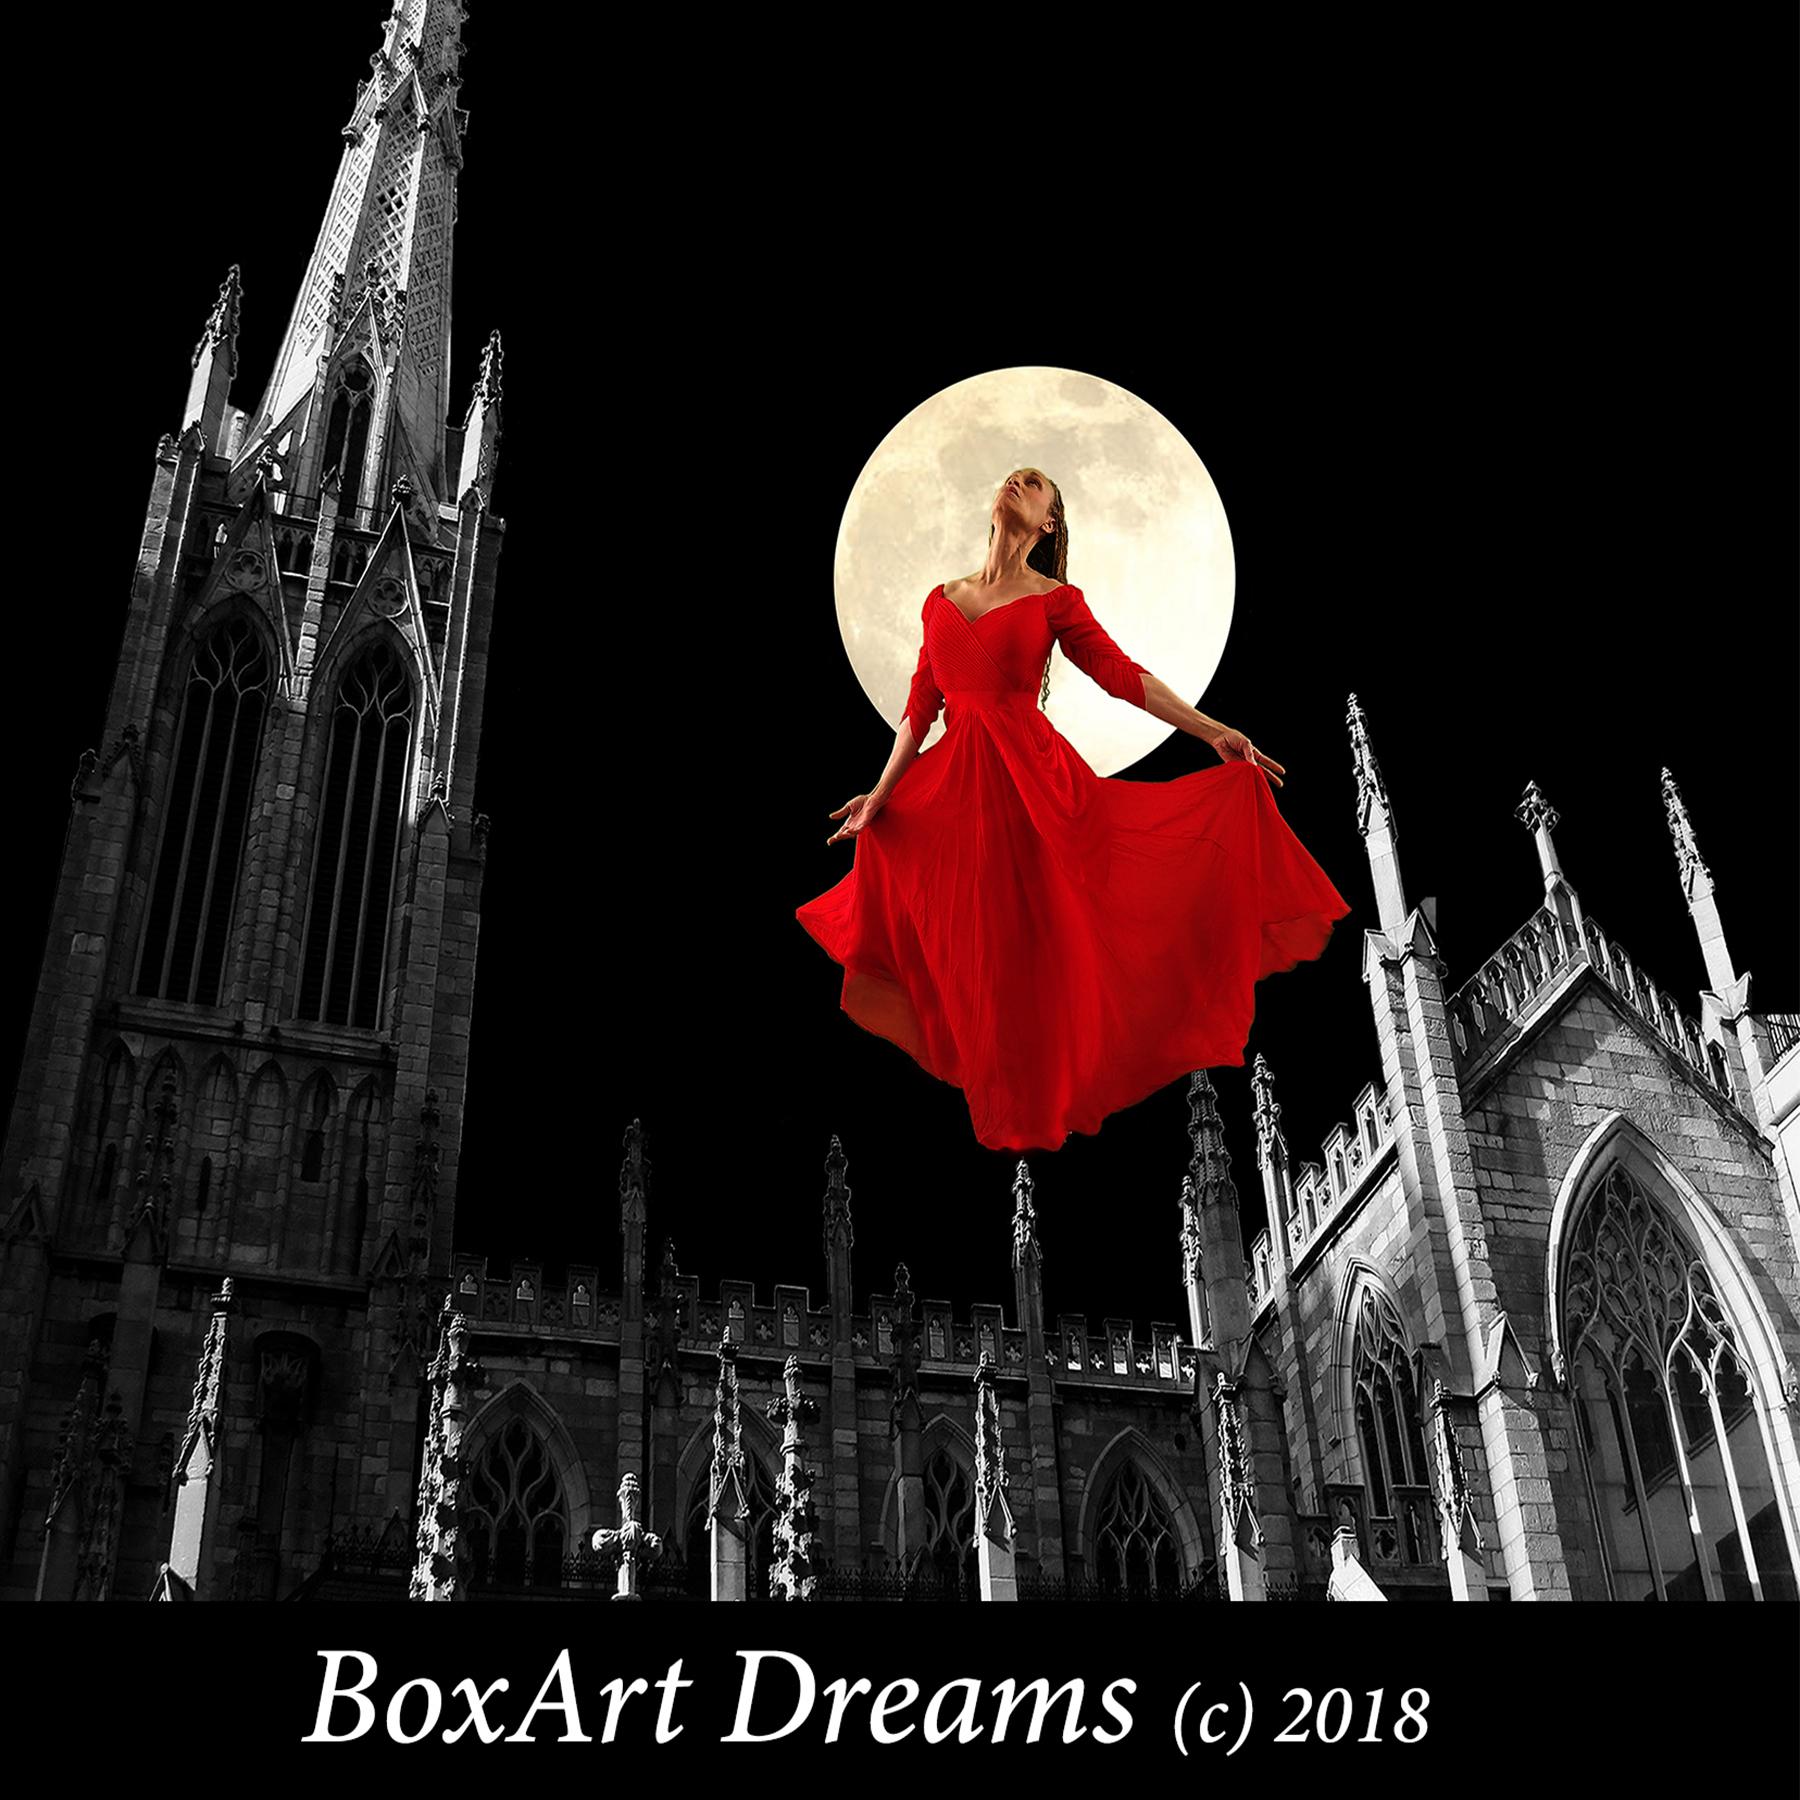 marc cohen & julia danielle  Studio Location # 2 / Dreamspace  box art / dreams